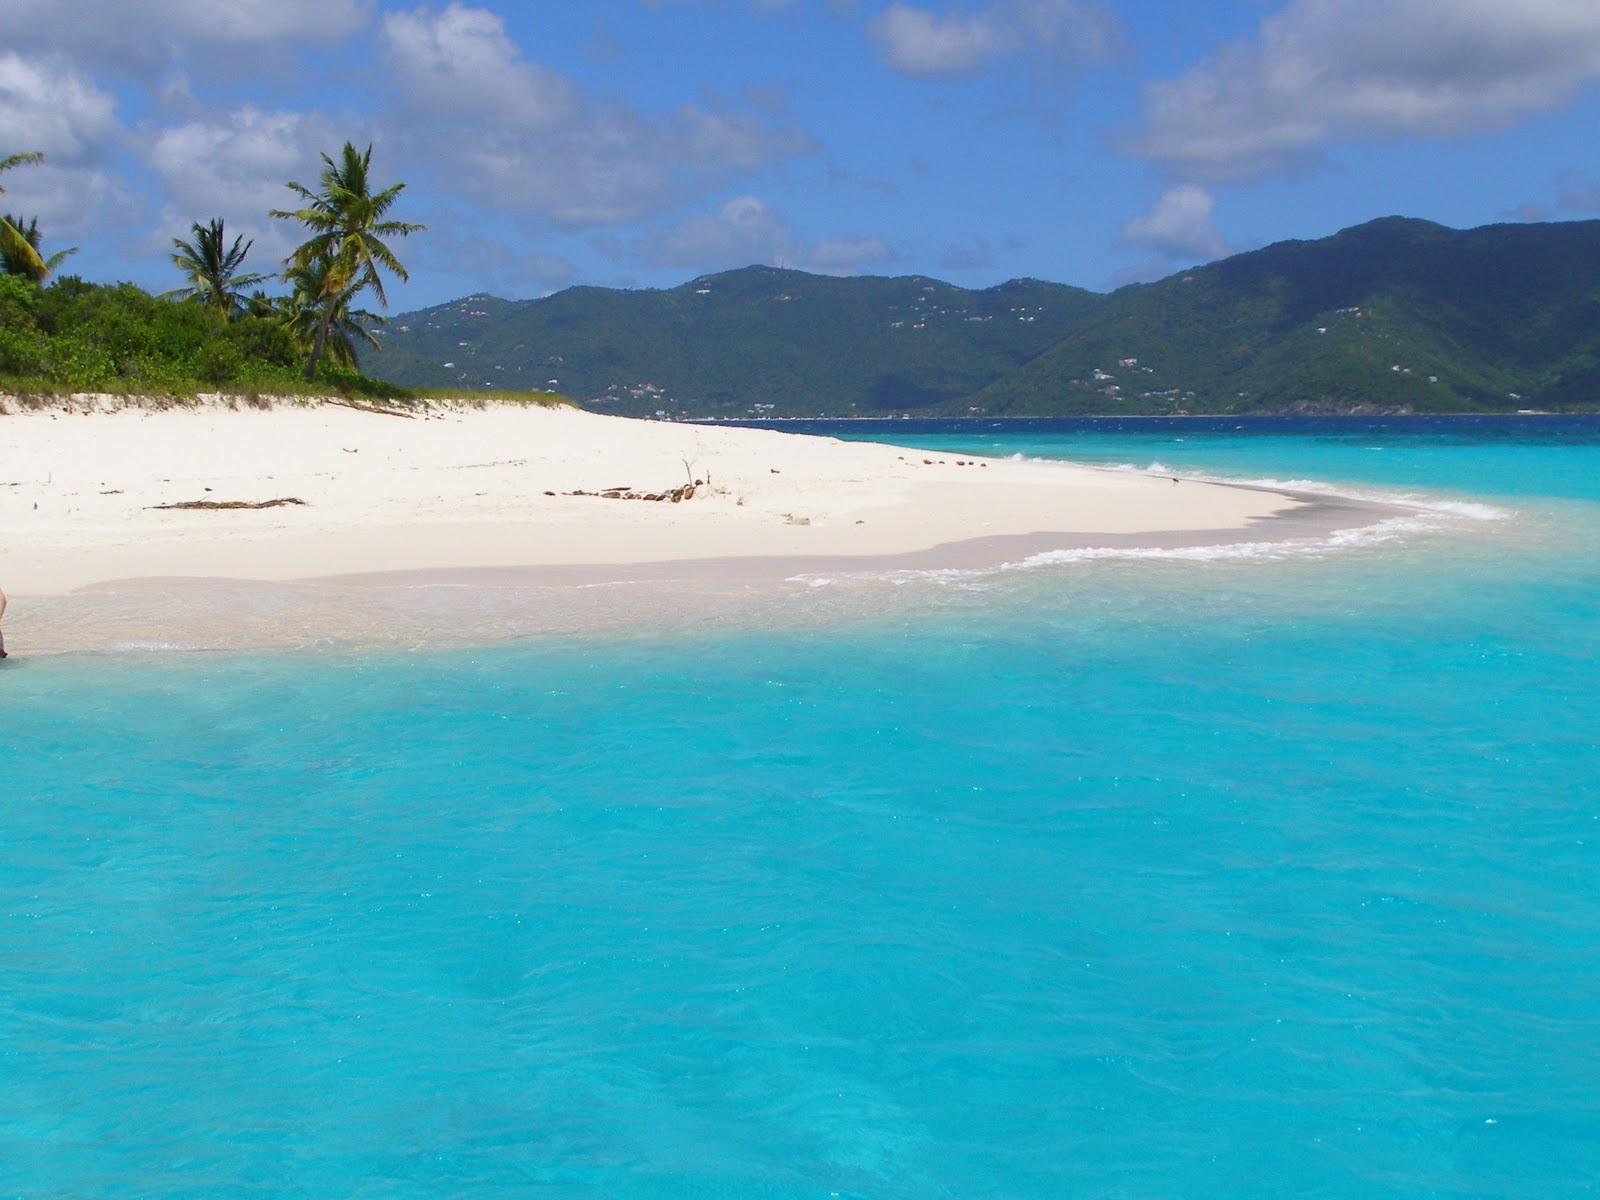 http://3.bp.blogspot.com/--aO4o674GIk/TVQkO3qSUaI/AAAAAAAAF8c/IeW__bpCgr8/s1600/beach+wallpaper.jpg